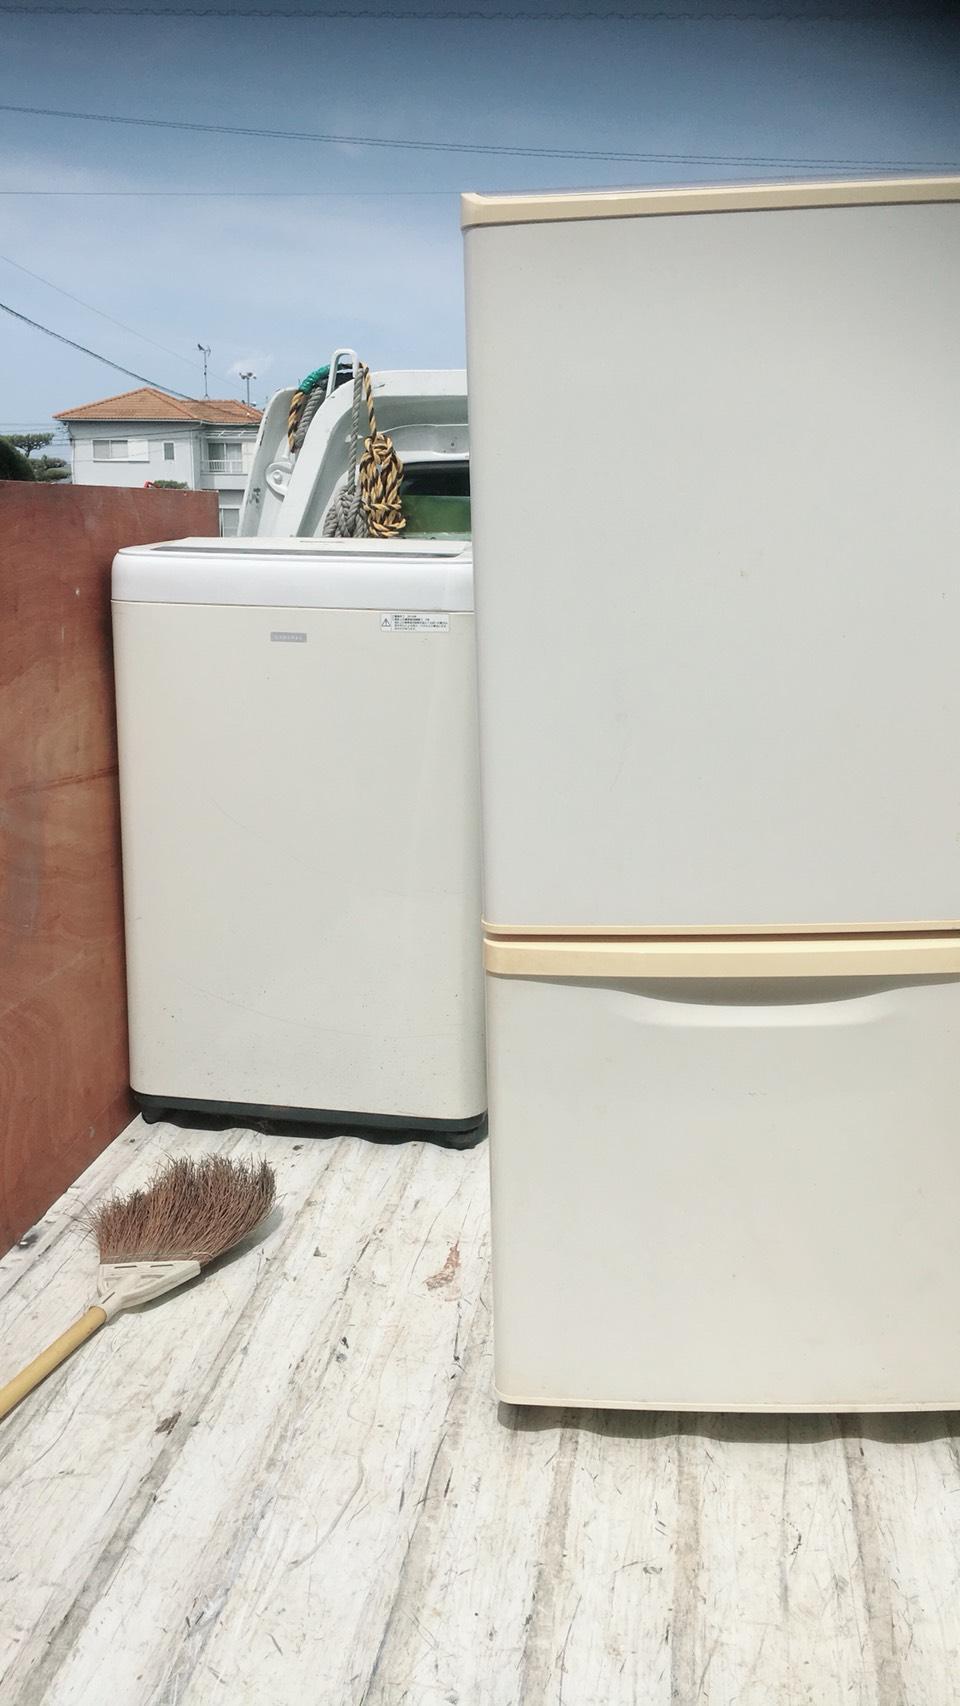 城陽市平川で洗濯機など軽トラ1台分程度の不用品処分 施工事例紹介